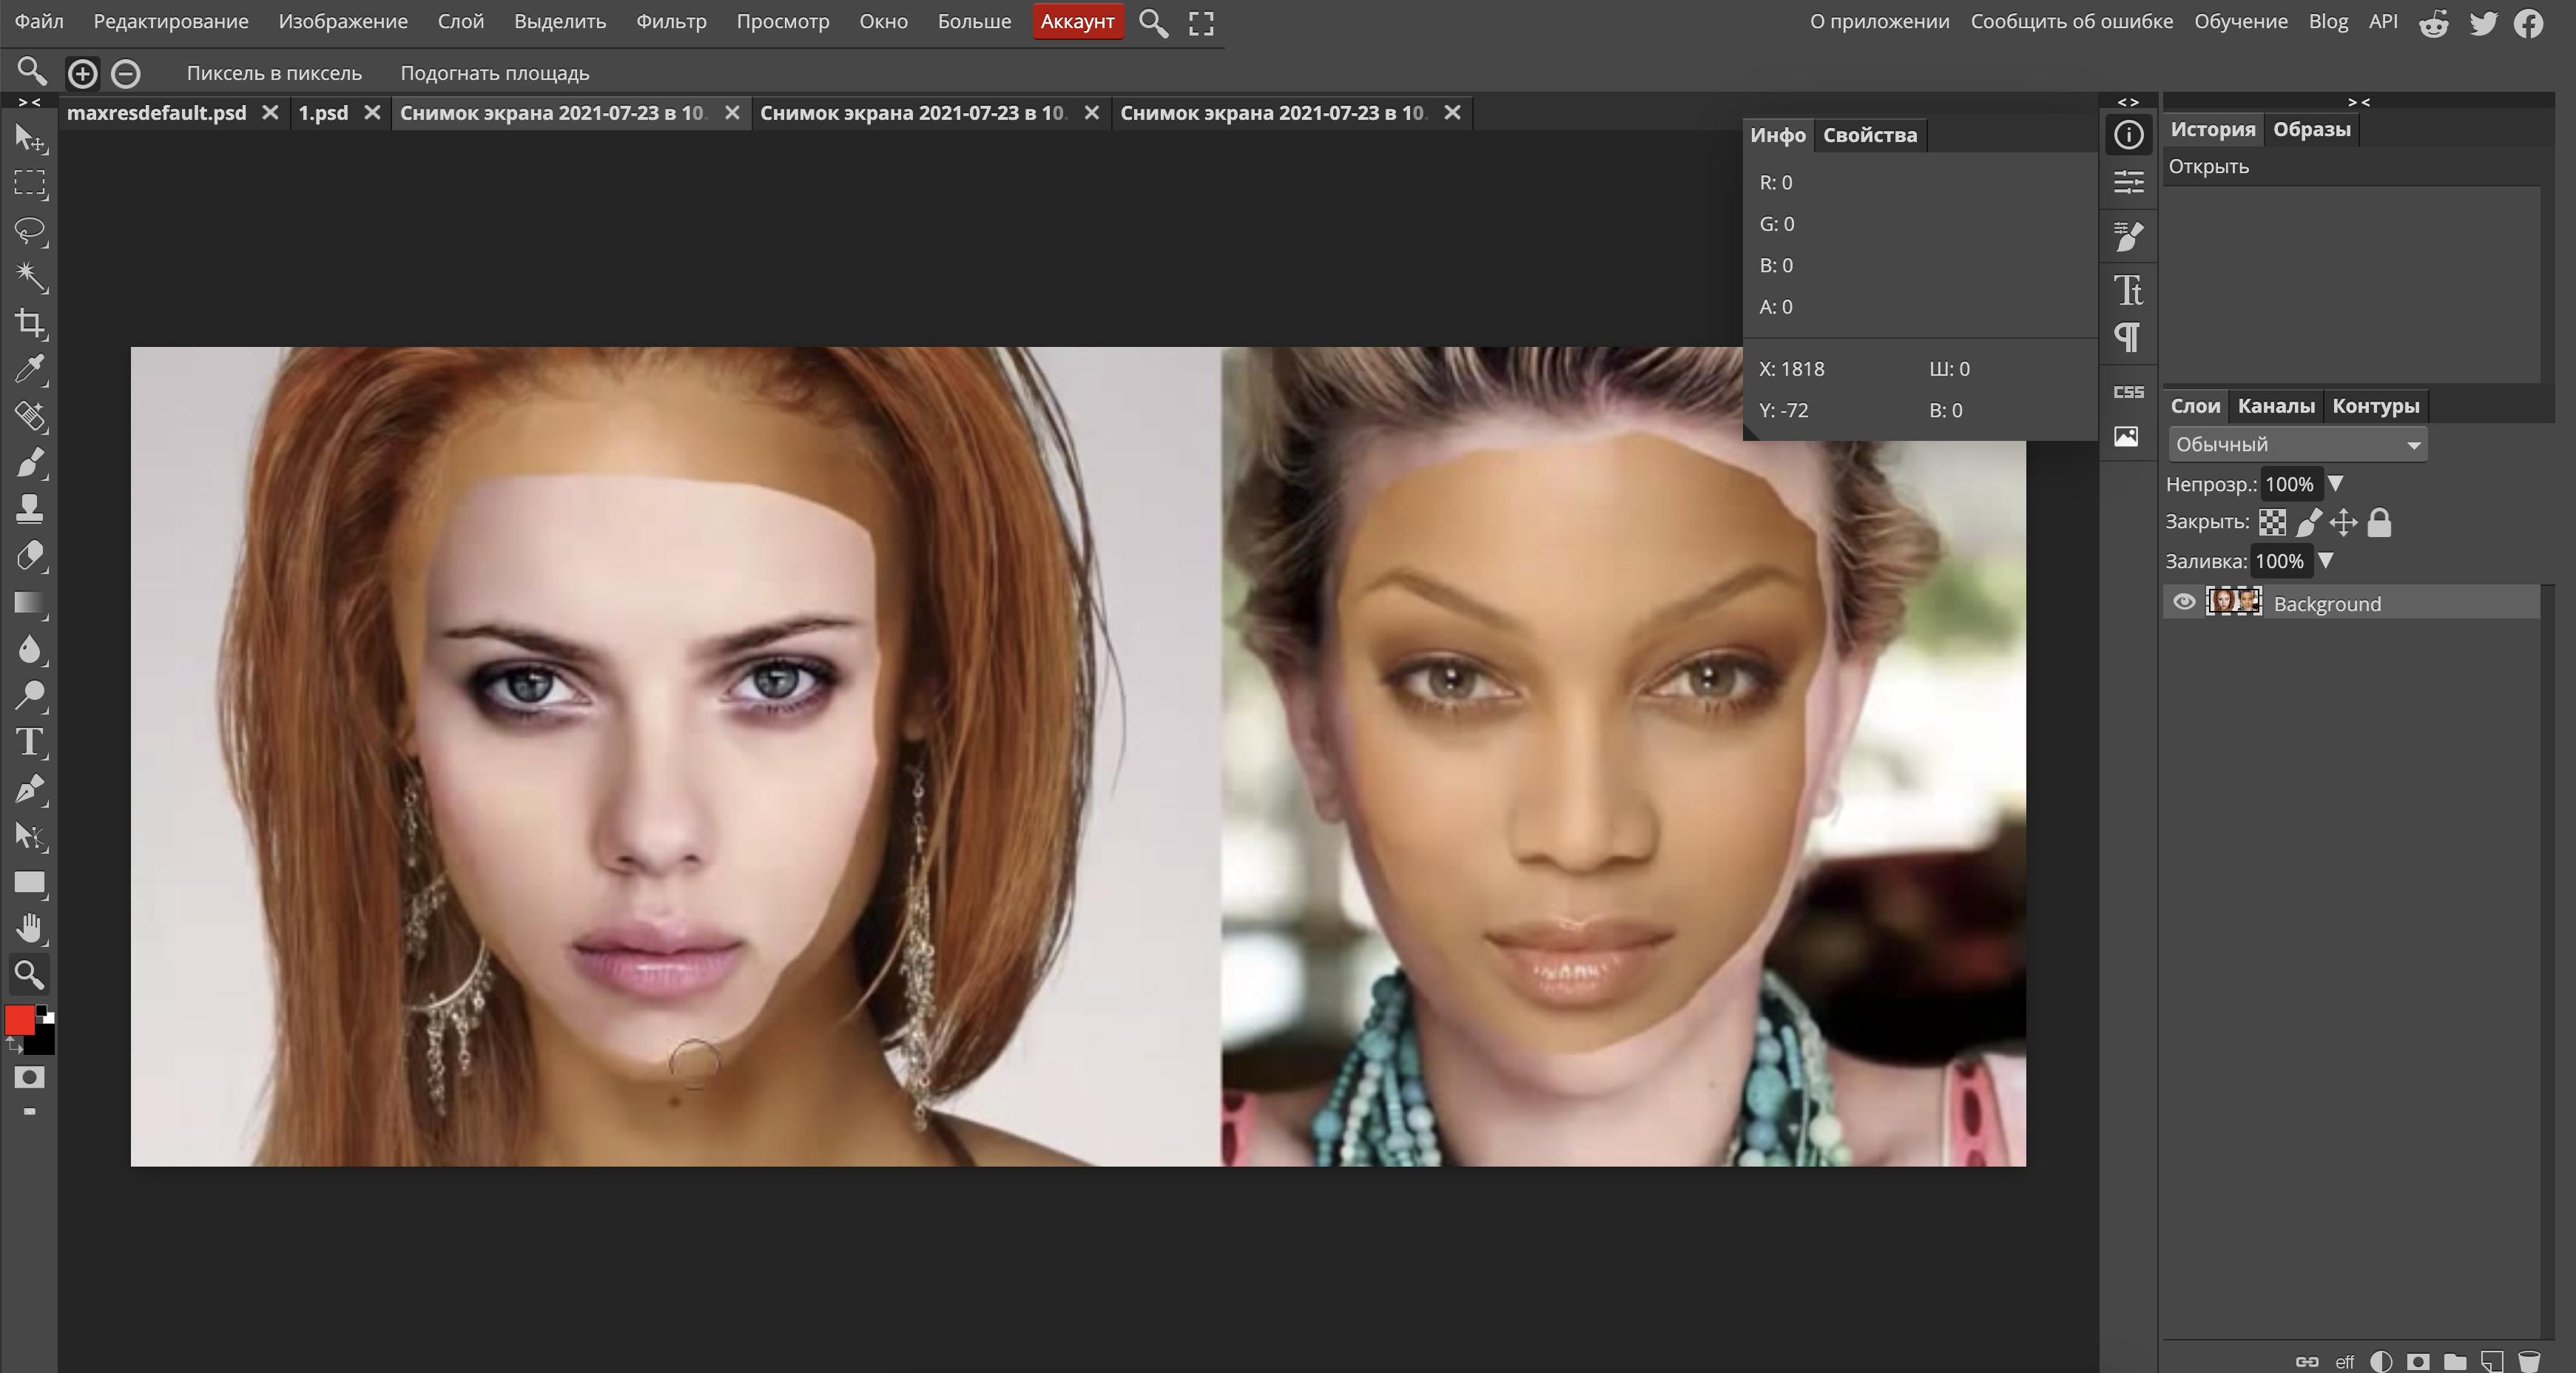 Photoshop Online замена лица - photopea